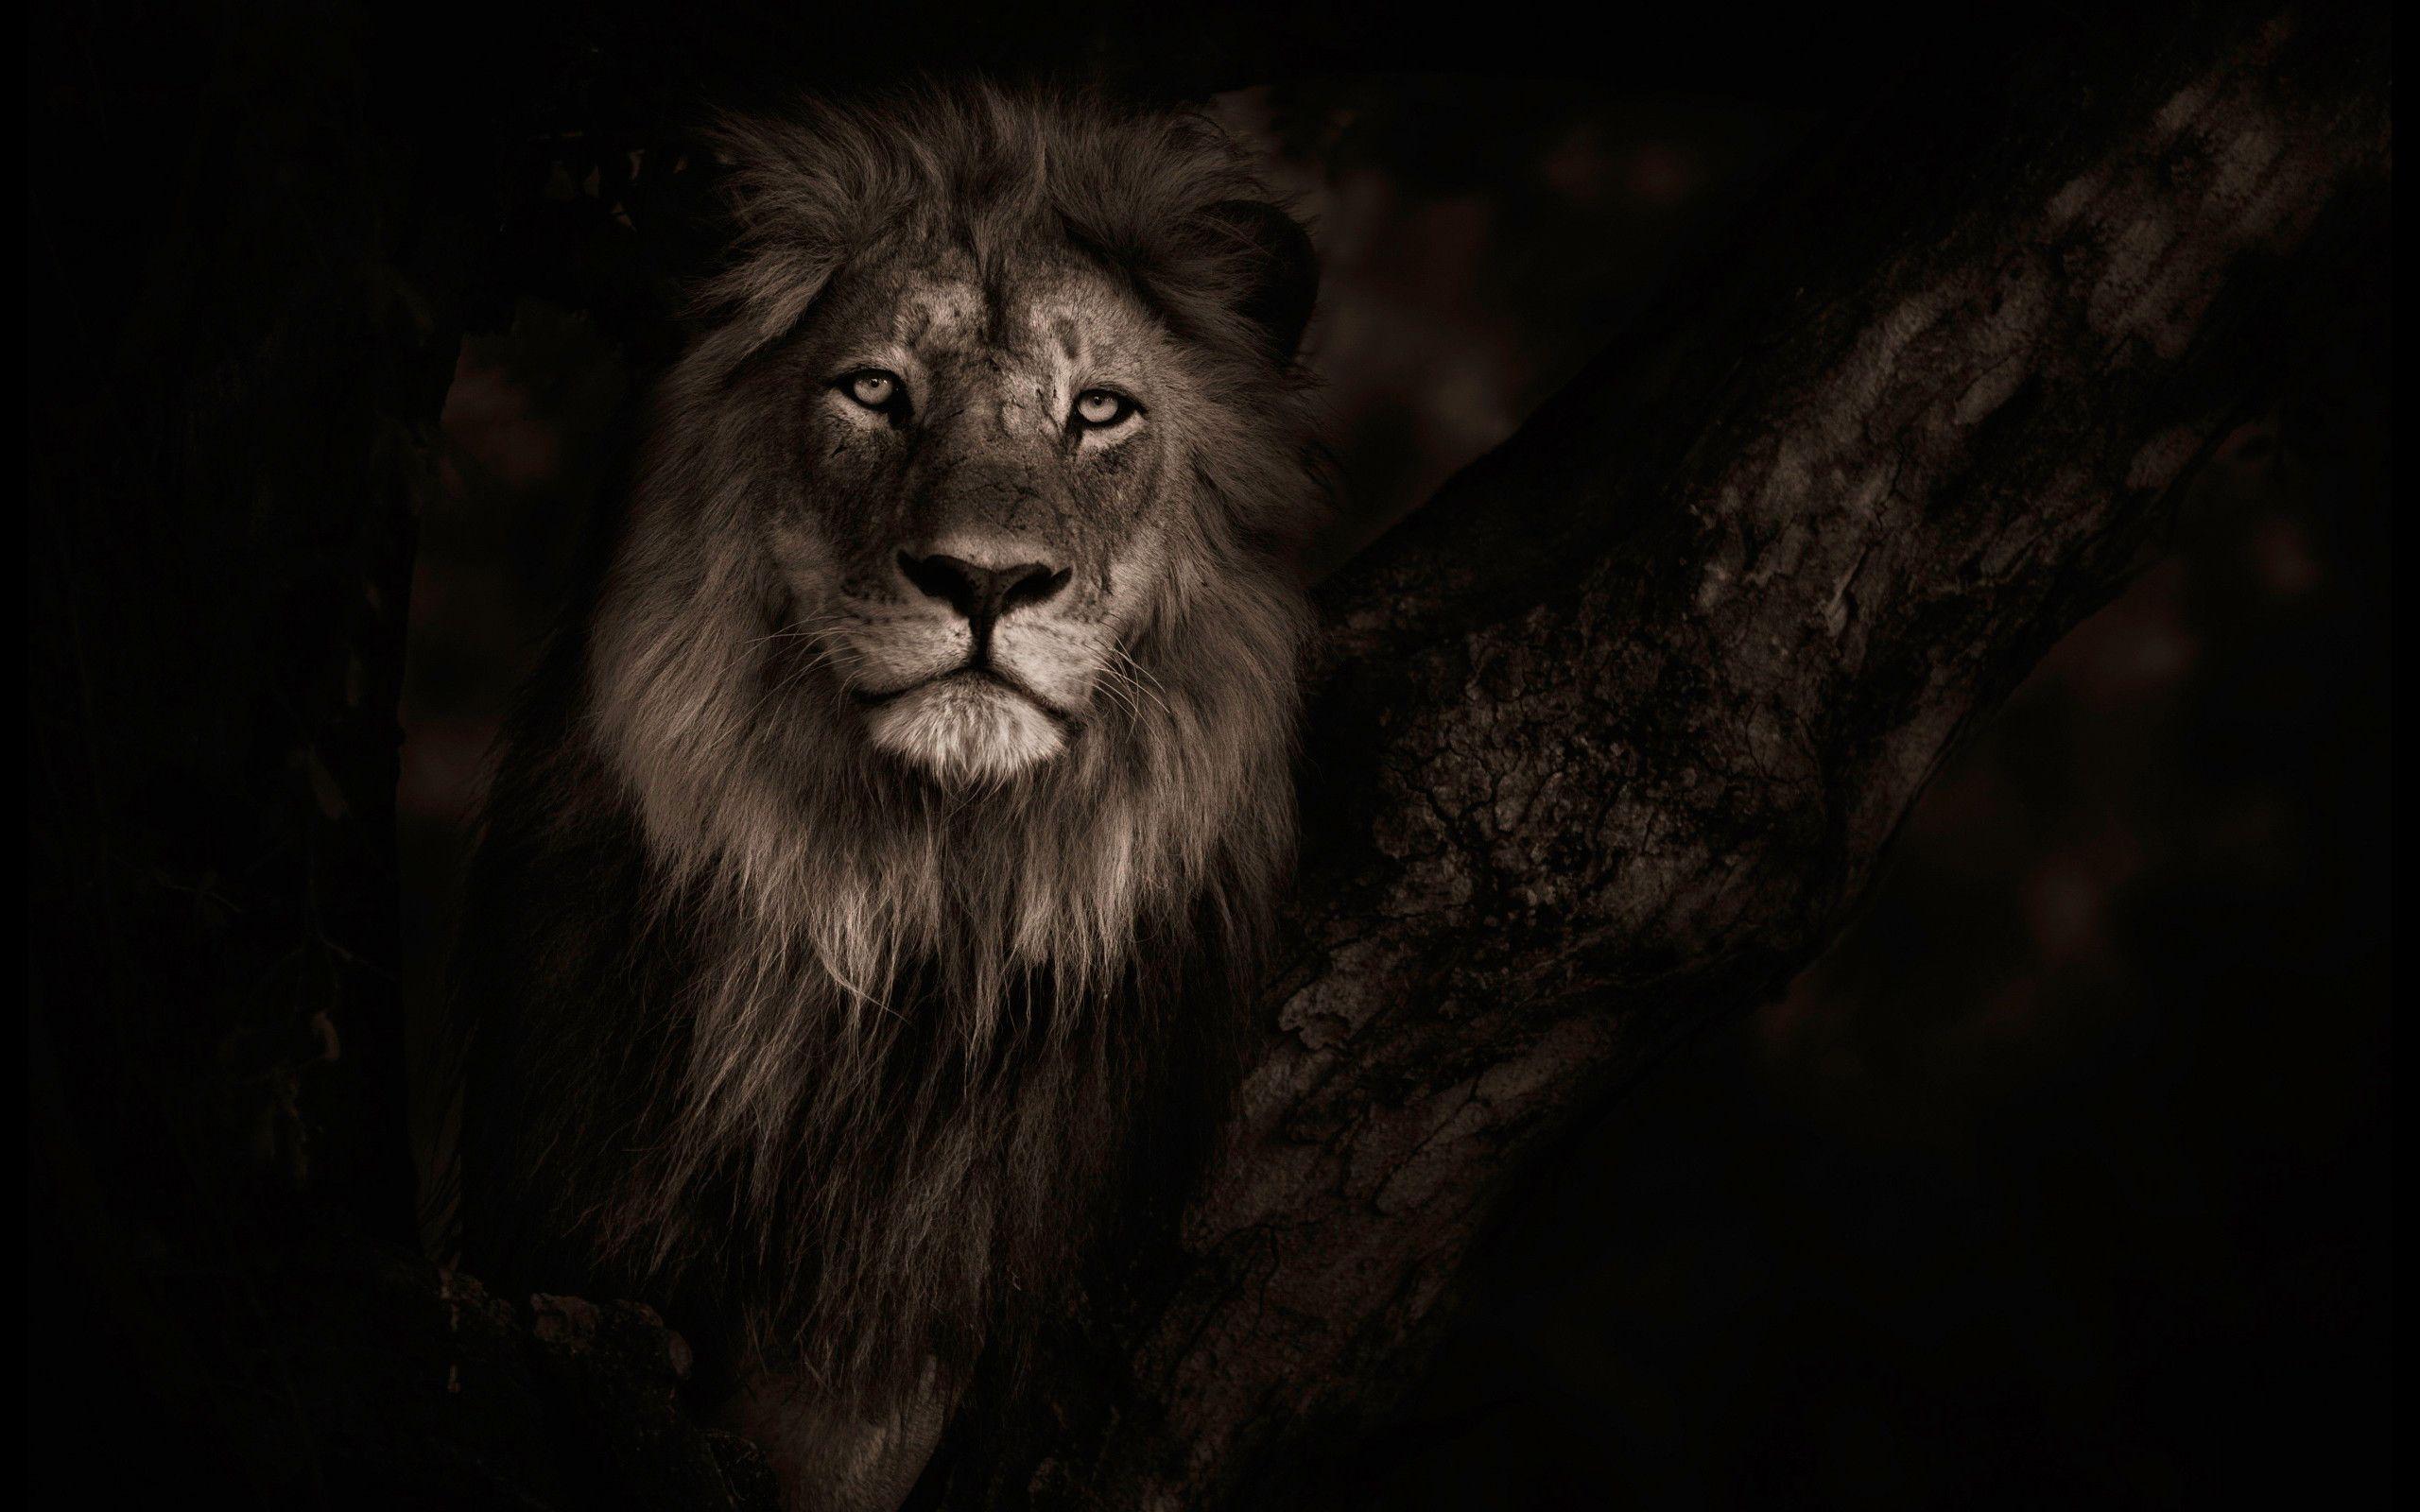 Res 2560x1600, Top Beautiful Lion Photos 14 4K Ultra HD B